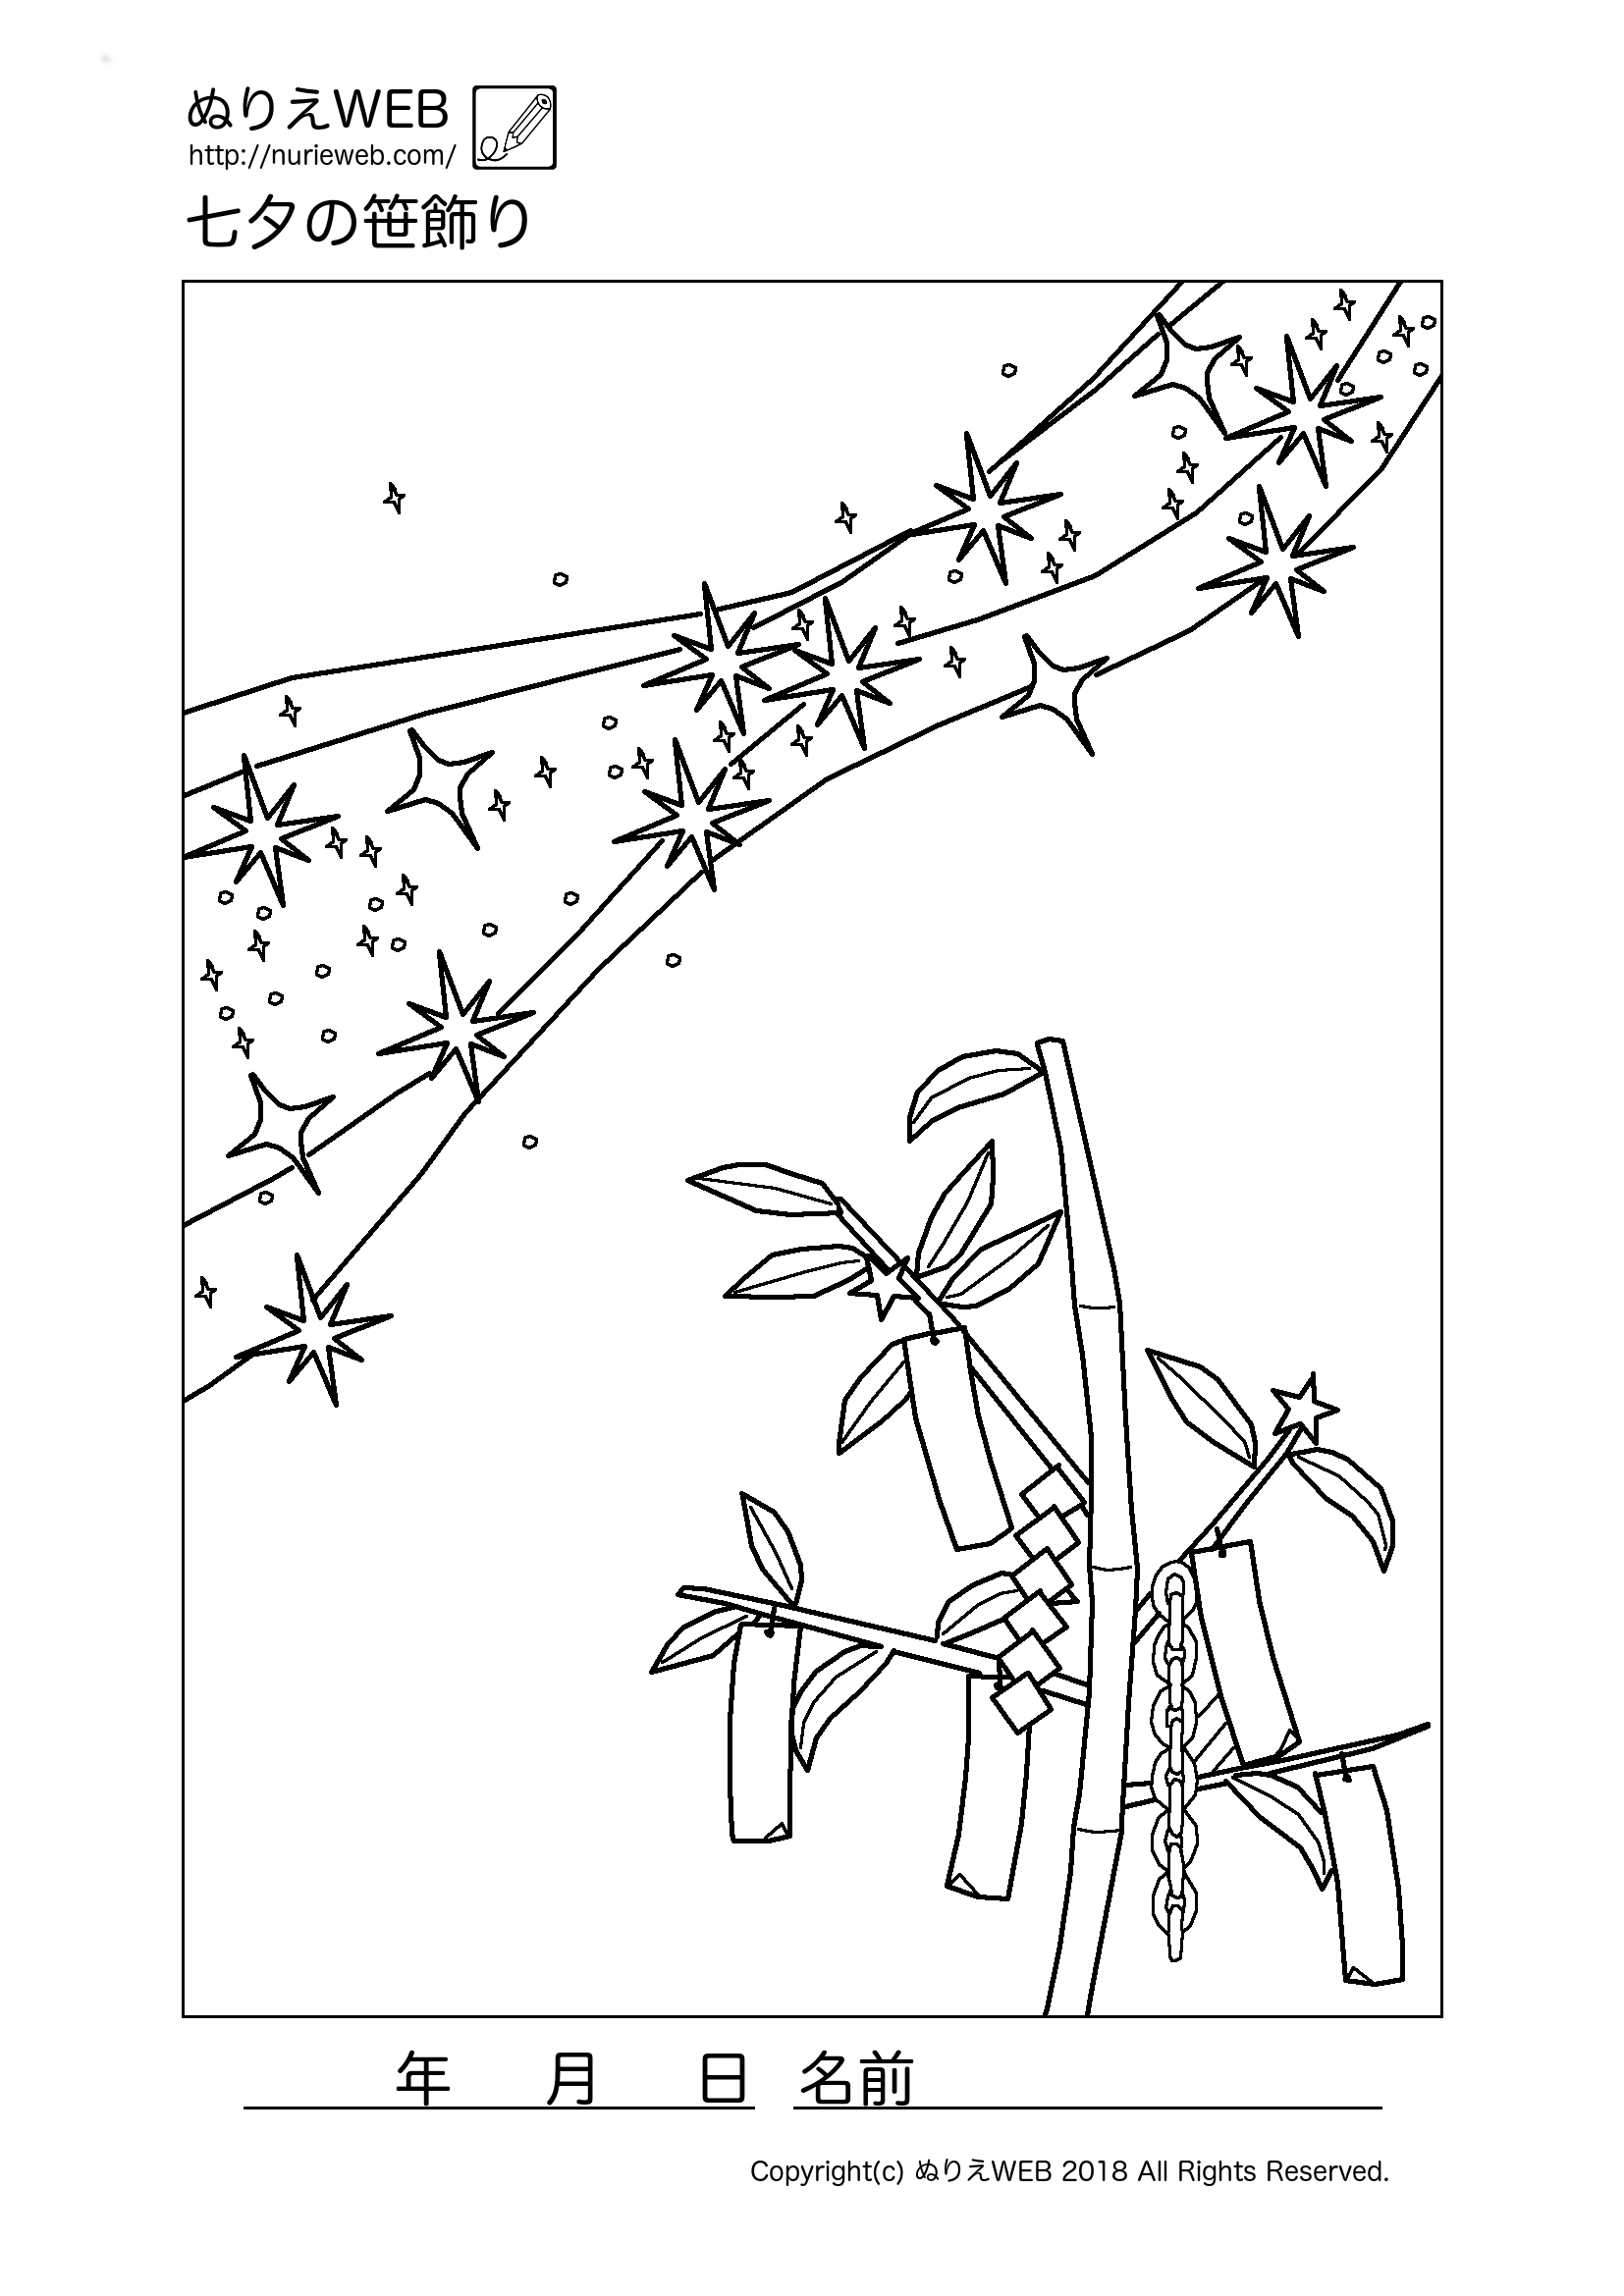 ぬりえweb七夕の笹飾りの塗り絵 Tanabata Home Decor Decor